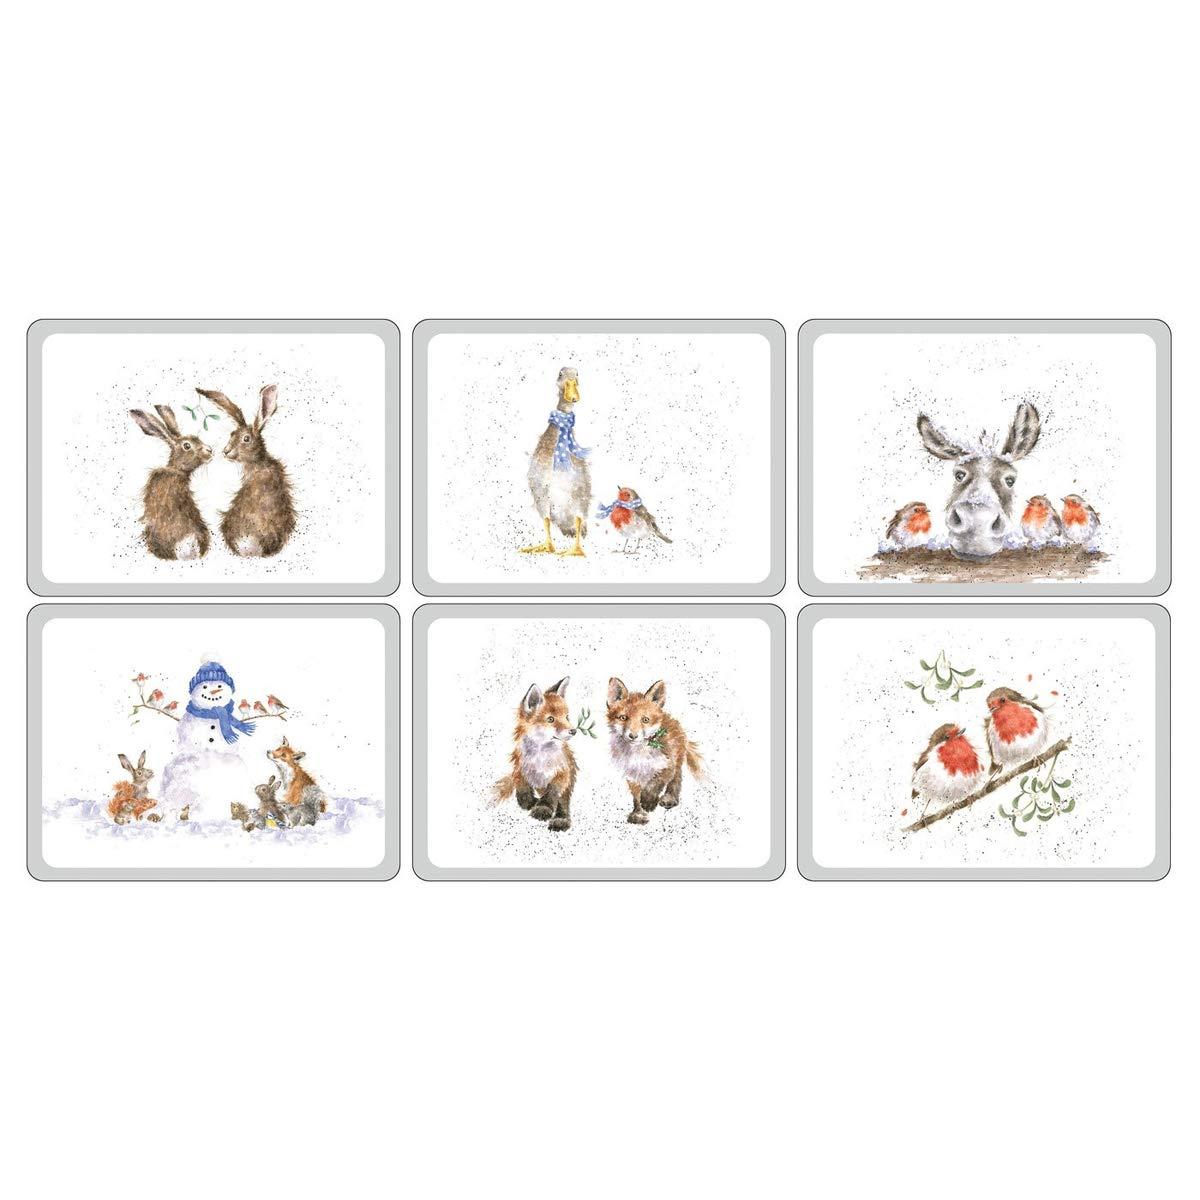 Pimpernel X0010568976 Wrendale Weihnachts-Tischsets, 6 Stück